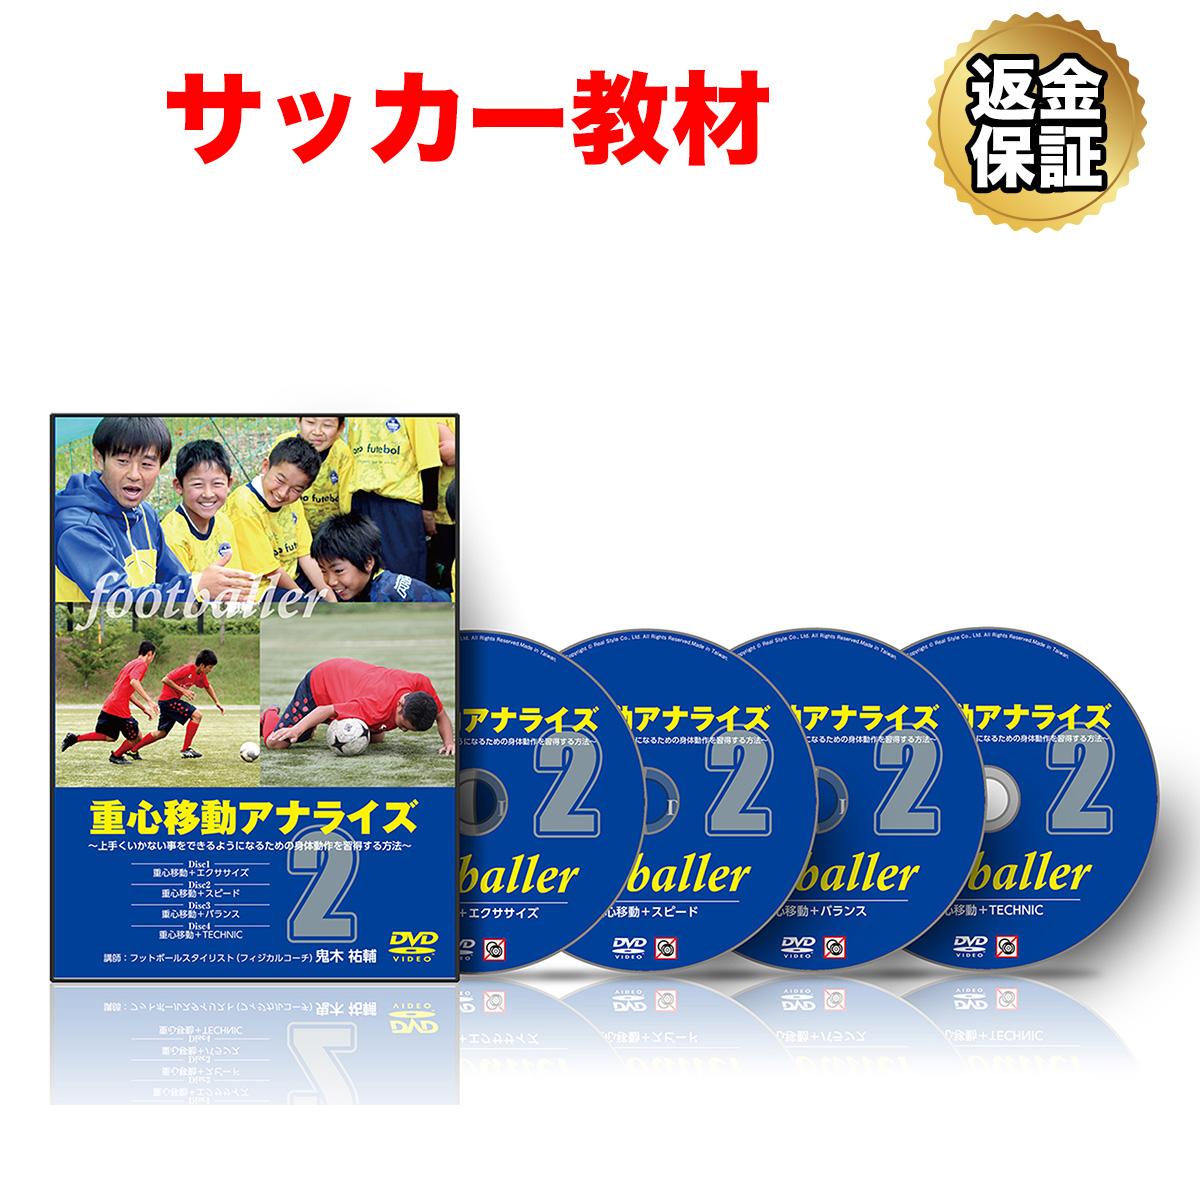 サッカー 教材 DVD 重心移動アナライズ2~上手くいかない事をできるようになるための身体動作を習得する方法~